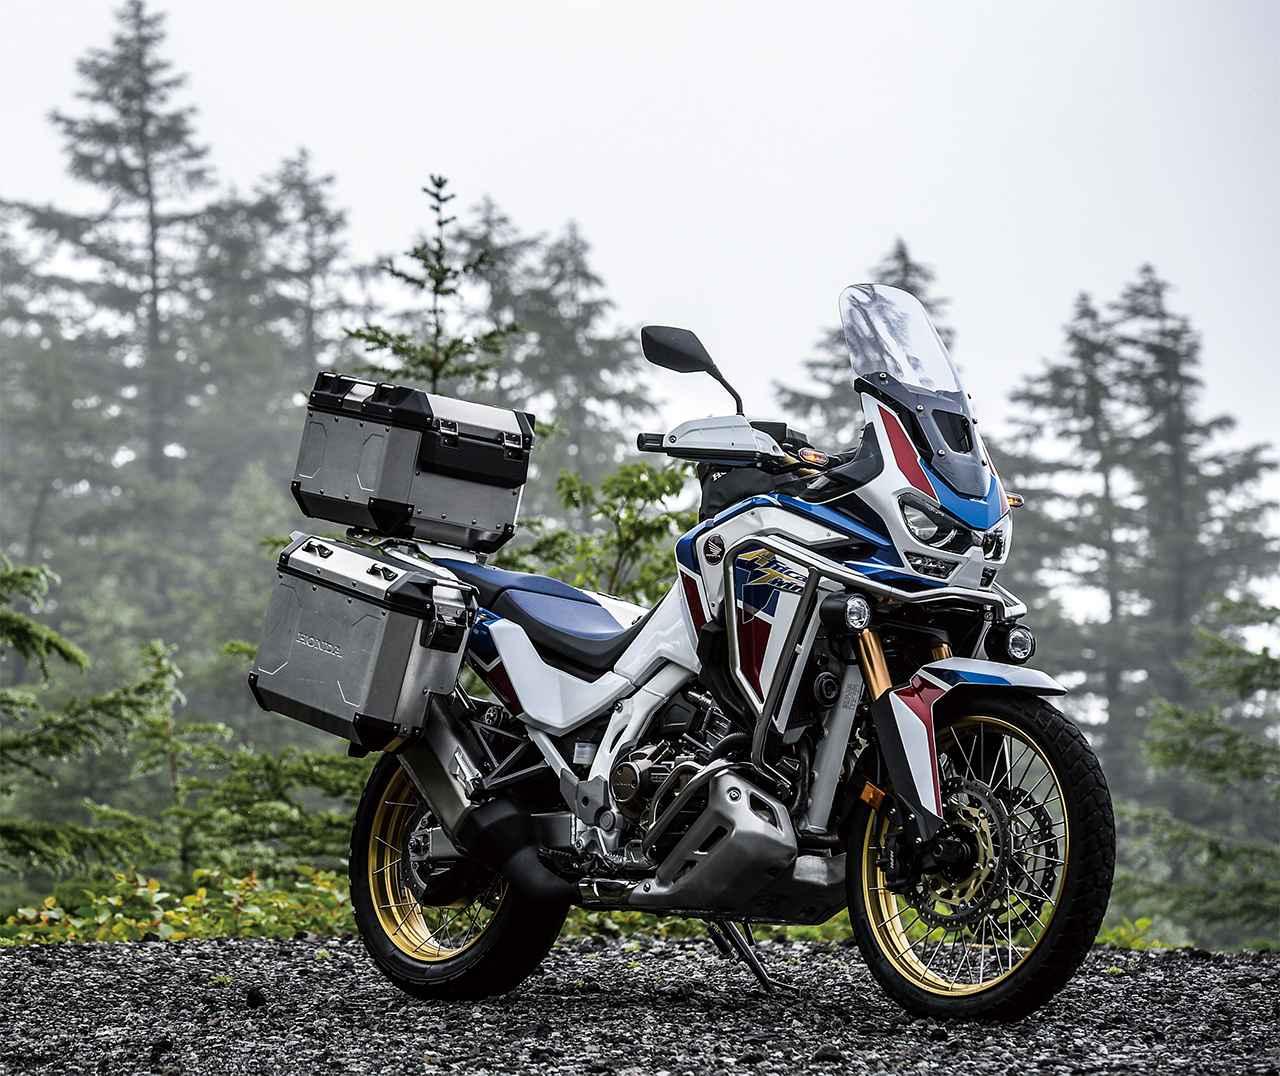 画像: Honda CRF1100L Africa Twin Adventure Sports ES DCT 撮影車両はオプション装着車 総排気量:1082cc エンジン形式:水冷4ストDOHC4バルブ並列2気筒 最高出力:75kW(102PS)/7500rpm 最大トルク:105N・m(10.7kg-m)/6250rpm シート高:810mm/830mm 車両重量:250kg 発売日:2019年12月13日 税込価格:205万7000円